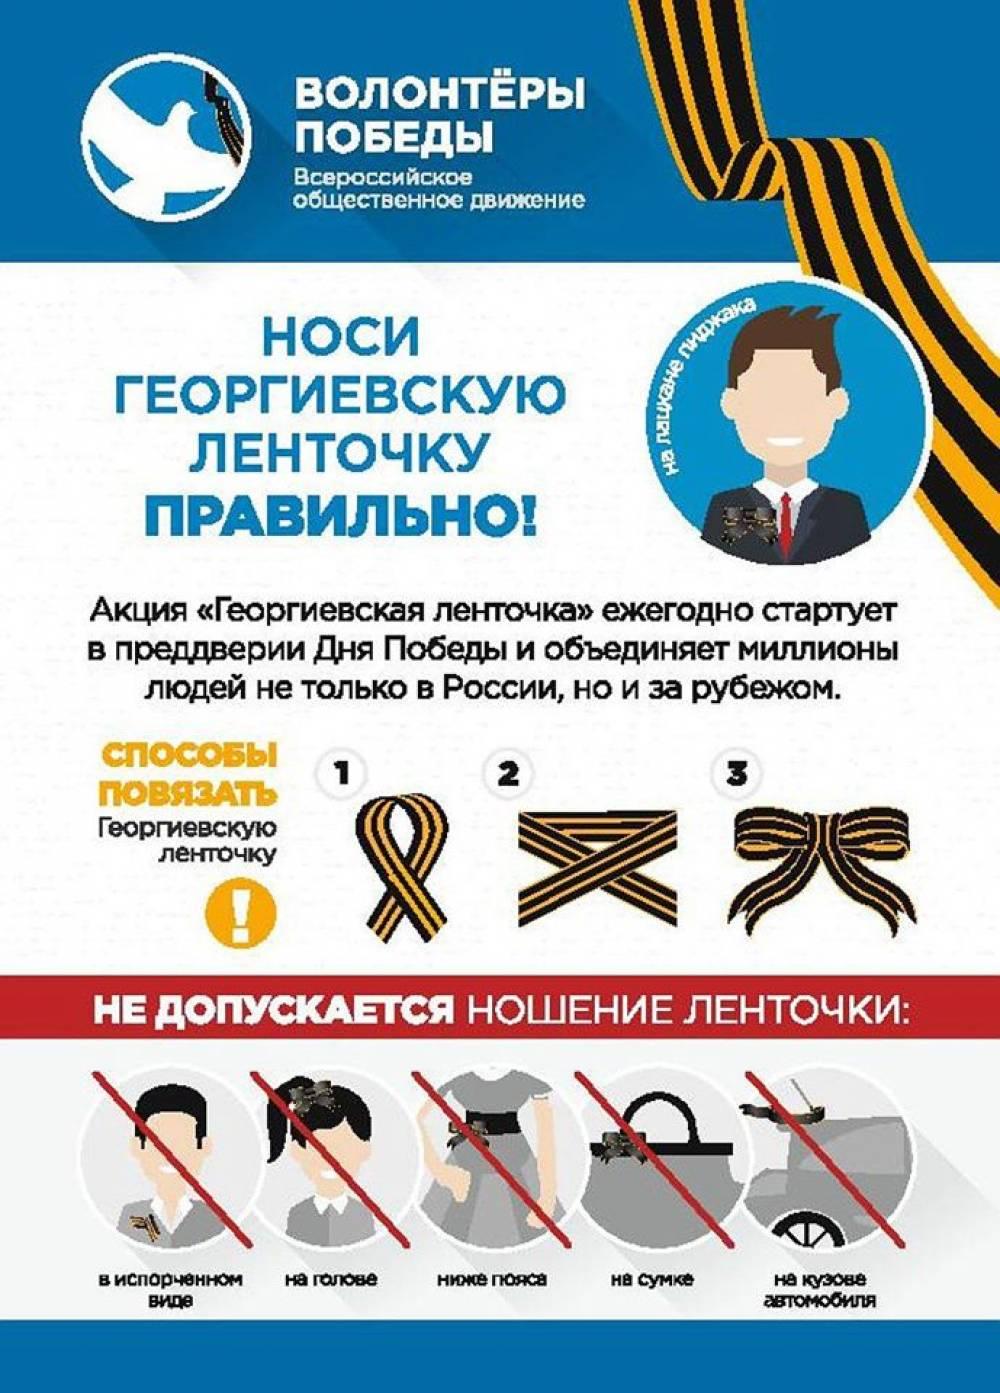 Уважаемые феодосийцы, носите георгиевскую ленточку правильно